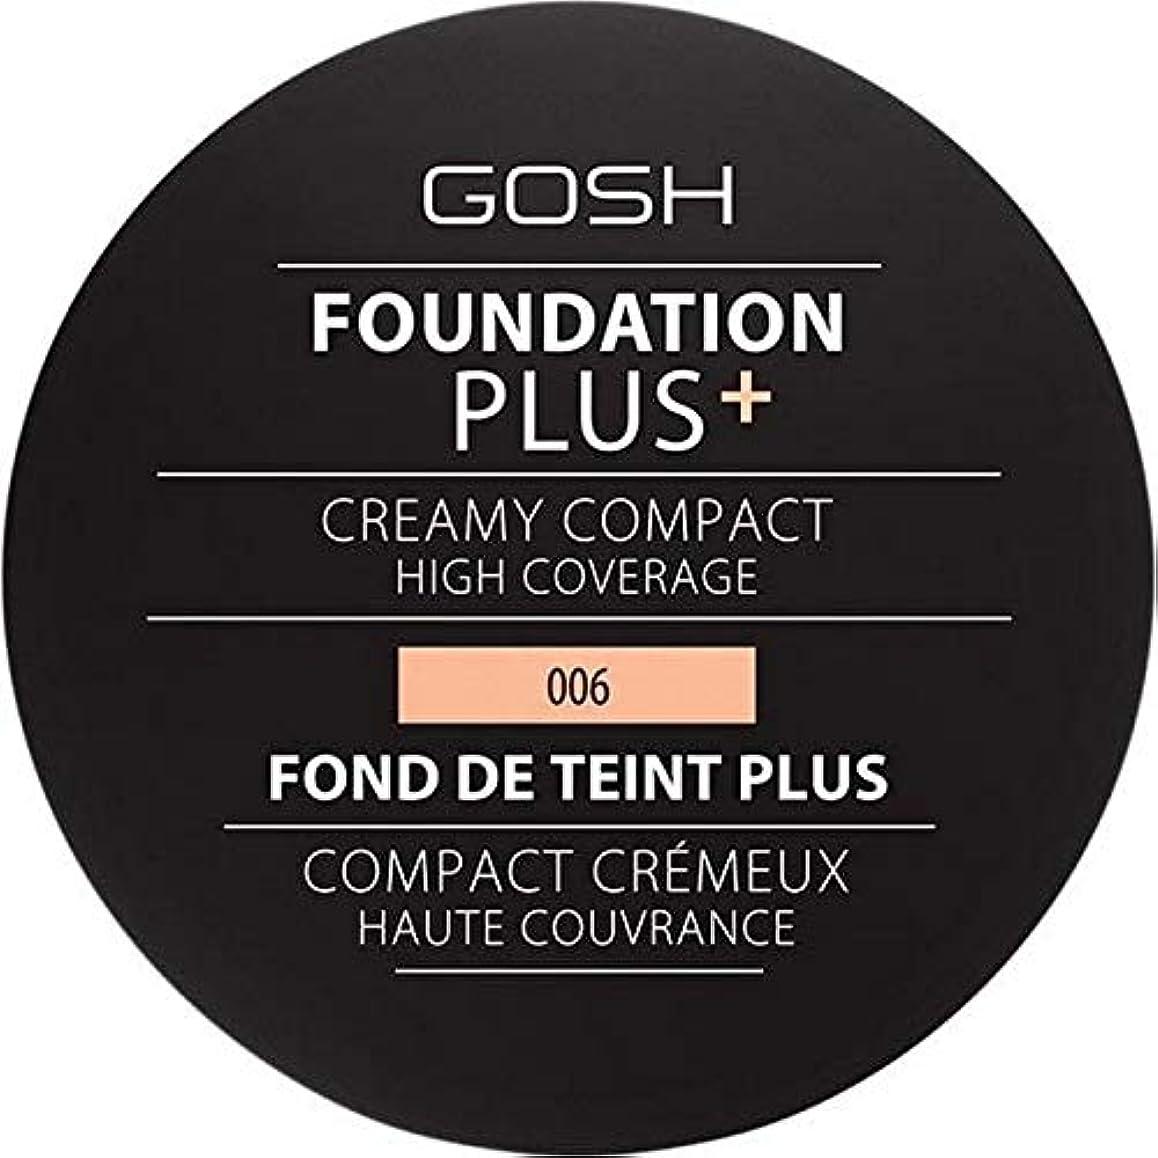 遮るうなり声煙突[GOSH ] 基礎プラス+クリーミーコンパクト蜂蜜006 - Foundation Plus+ Creamy Compact Honey 006 [並行輸入品]